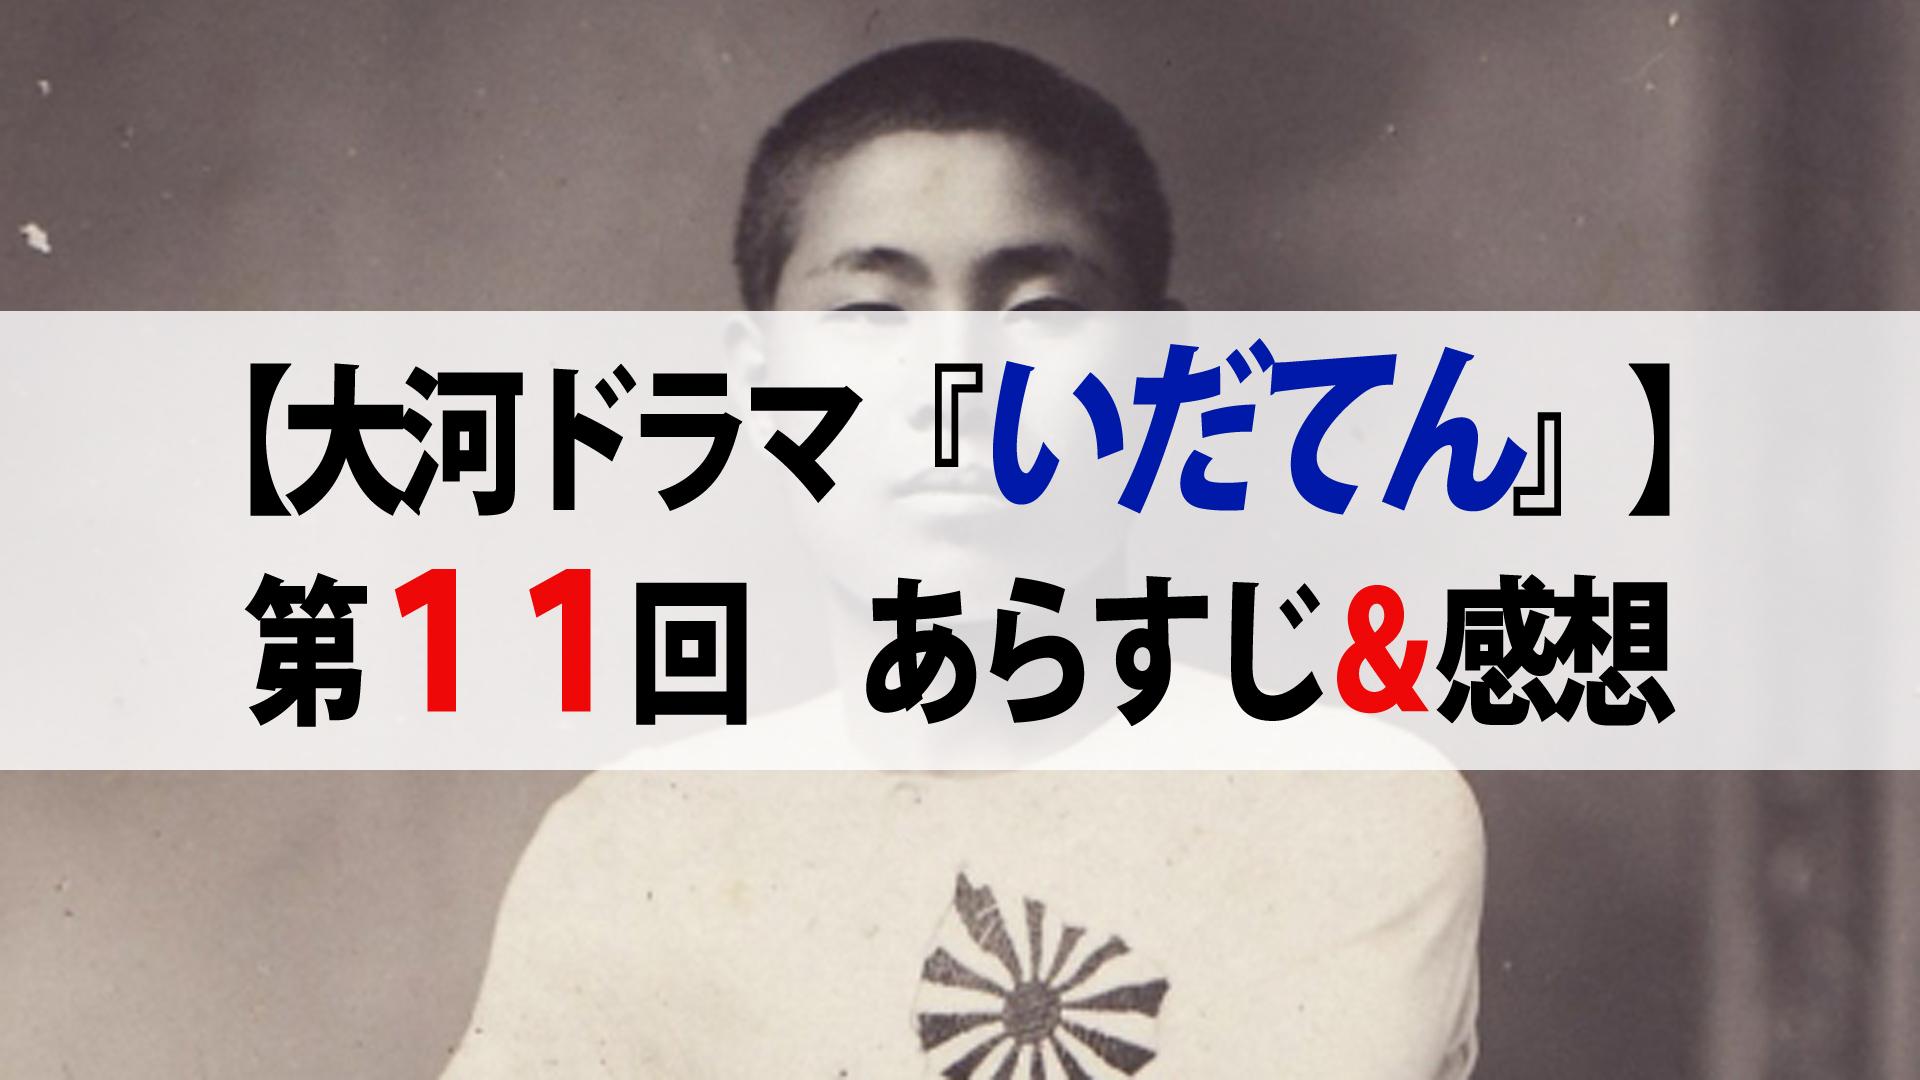 【大河ドラマ『いだてん』】第11回『百年の孤独』あらすじ&感想